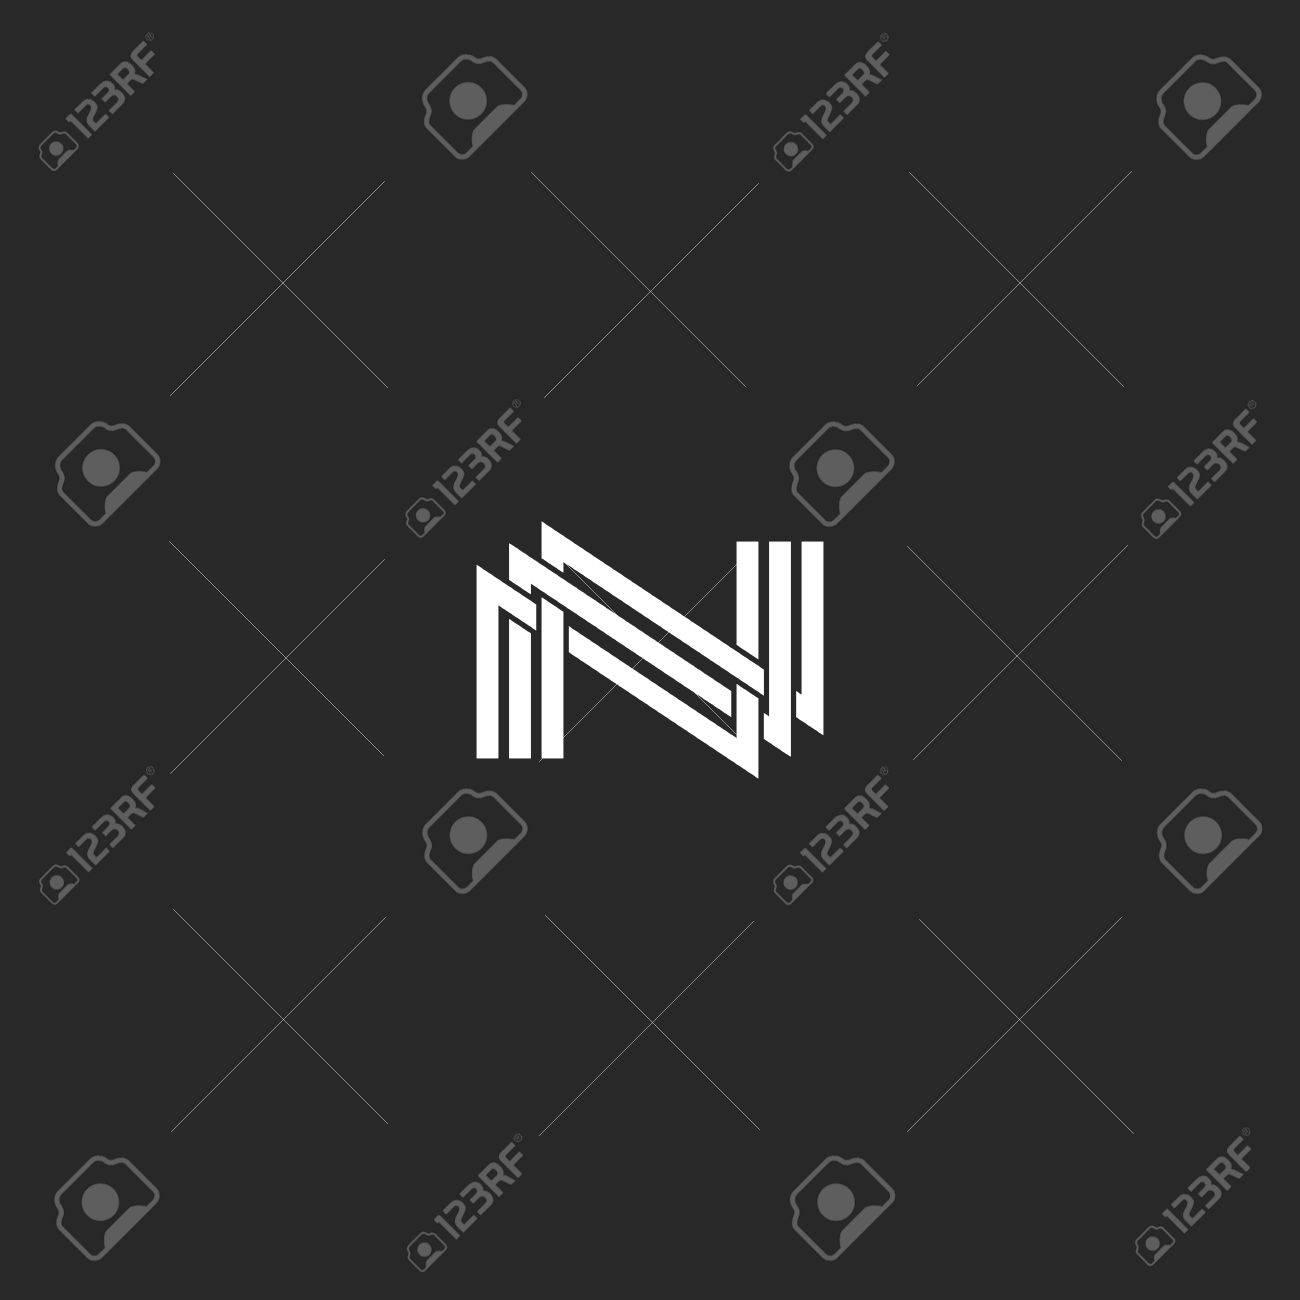 Großartig N Monogramm Buchstabe Logo, überlappende Dünne Linie, Design Element  Hochzeit,